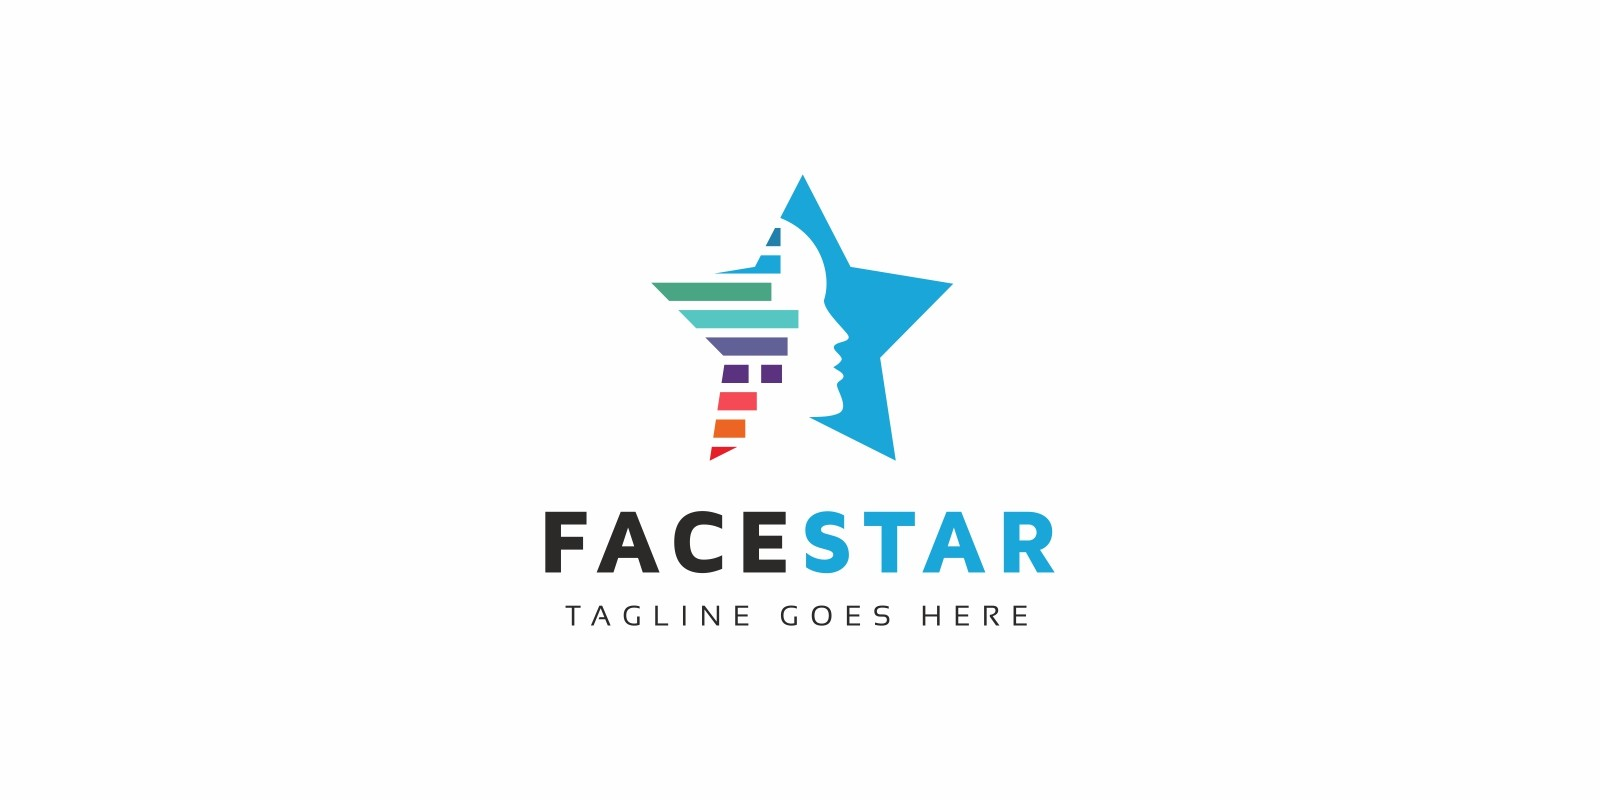 Tecnology face logo